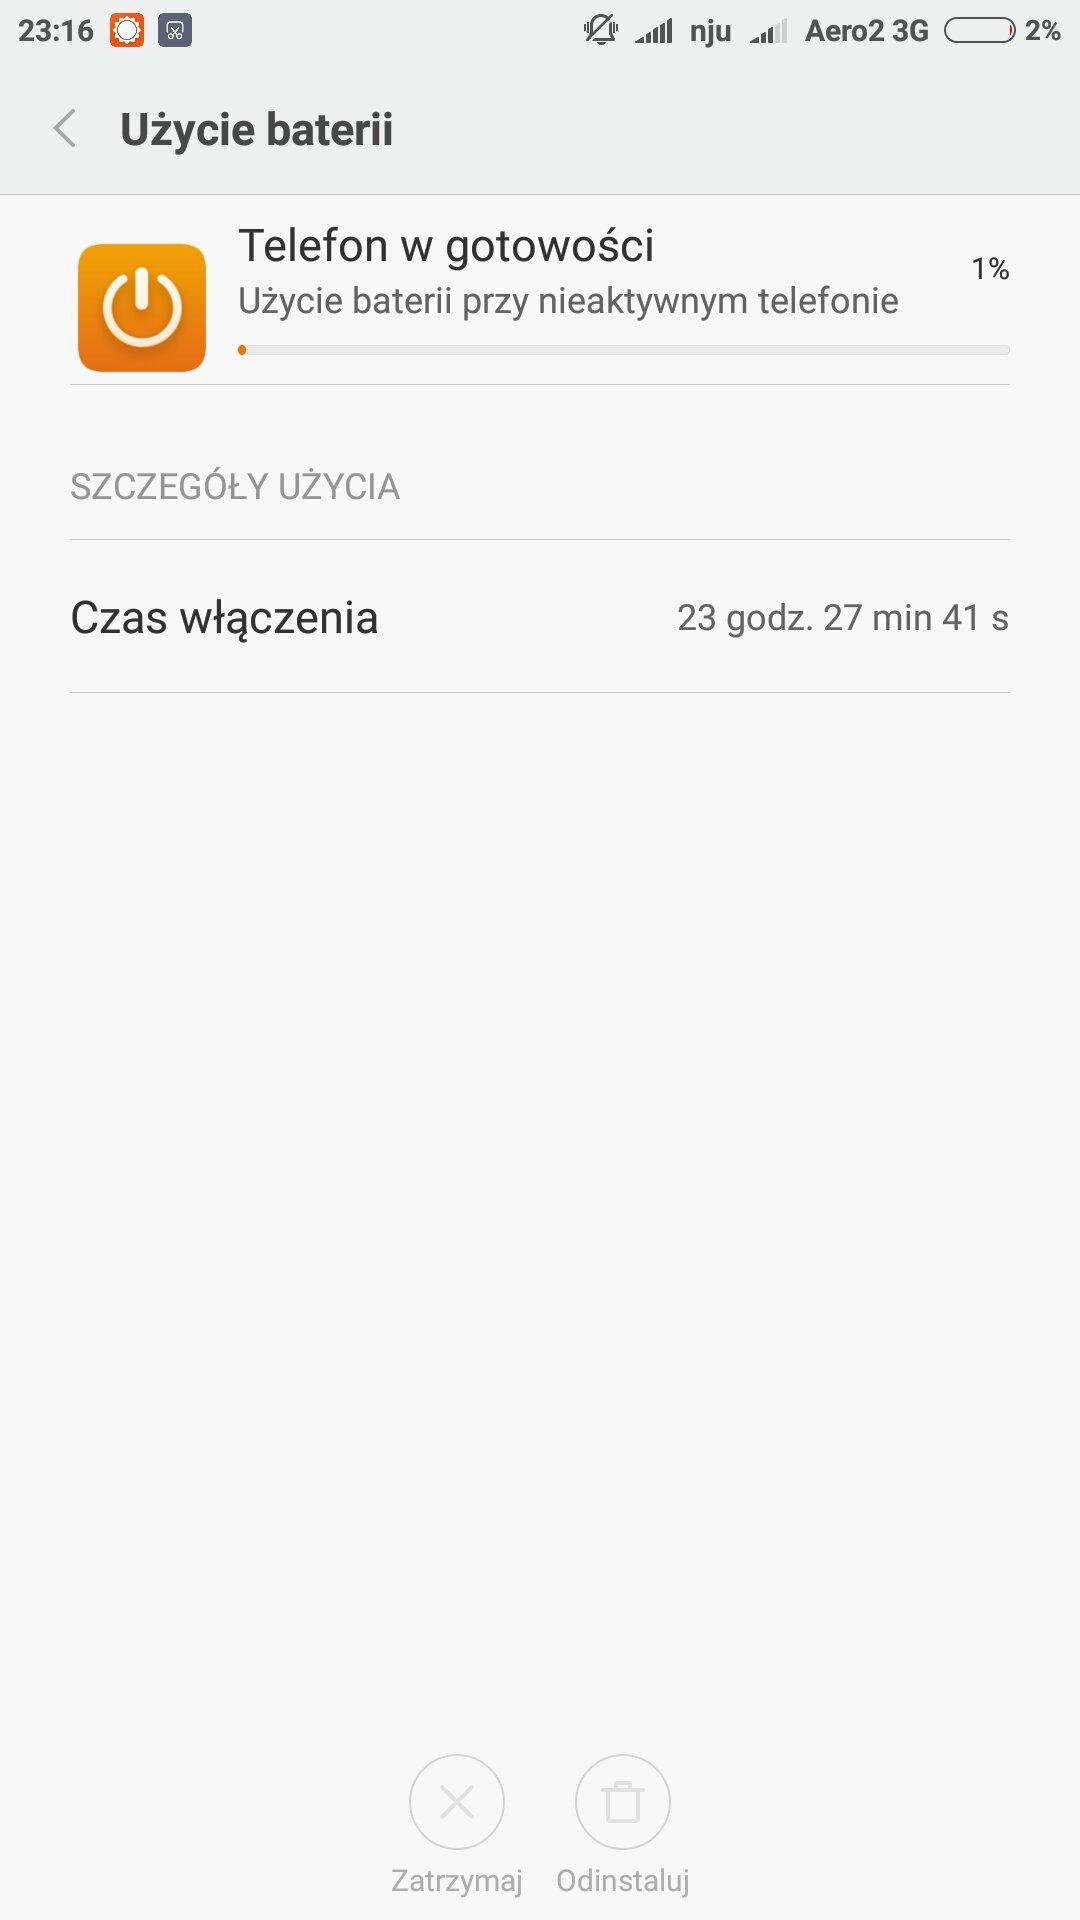 7e215b49cea55ebe05d82a108d7d845a.jpg